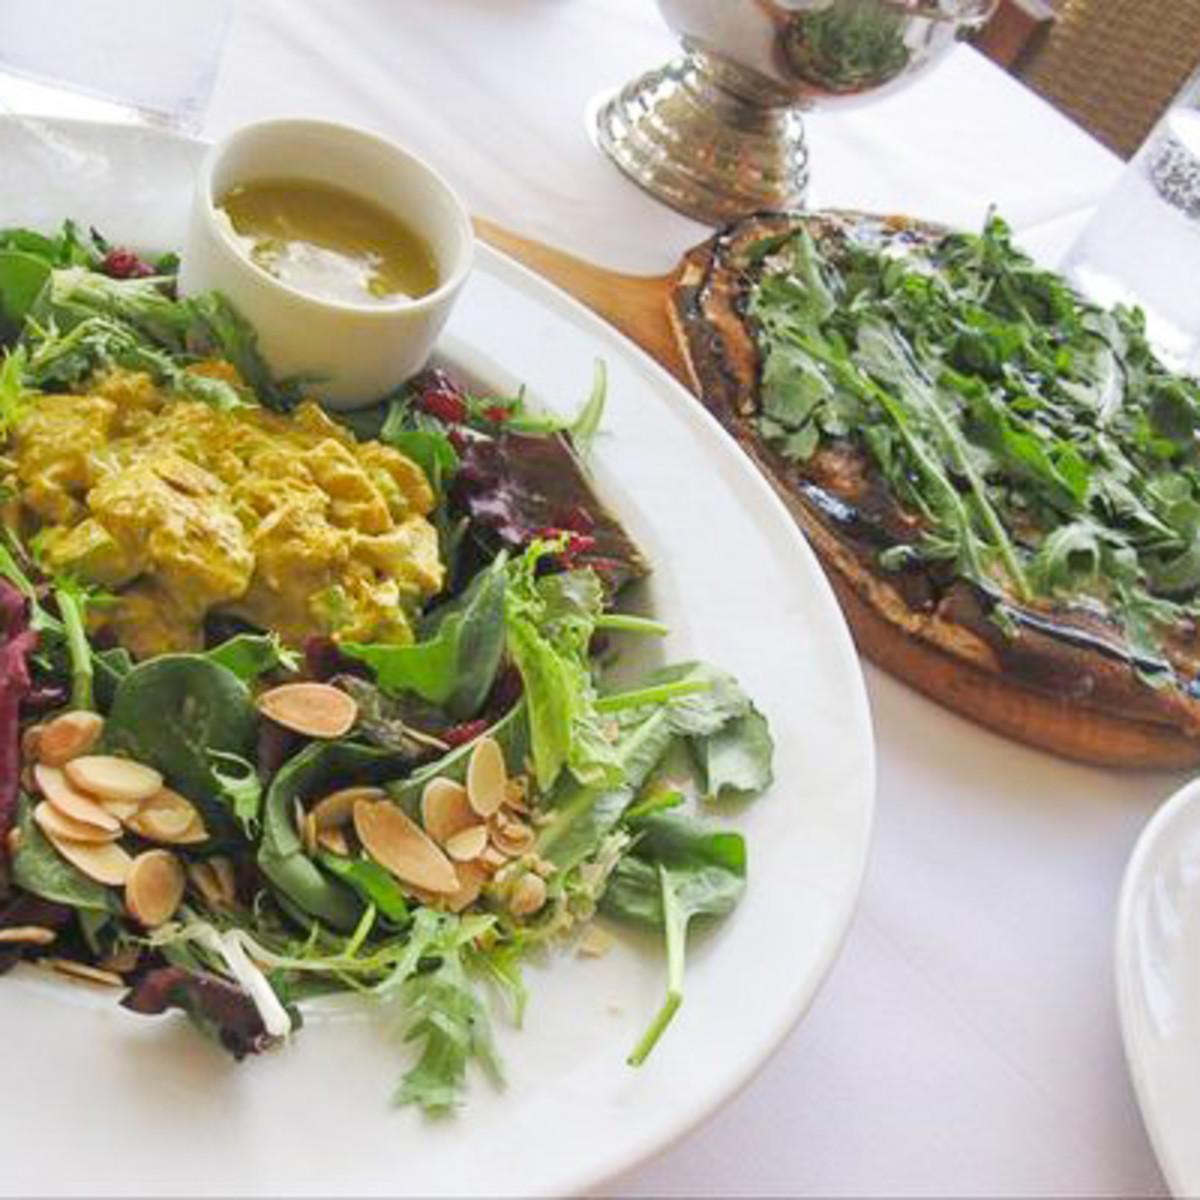 News_Up restaurant_chicken salad_pizza